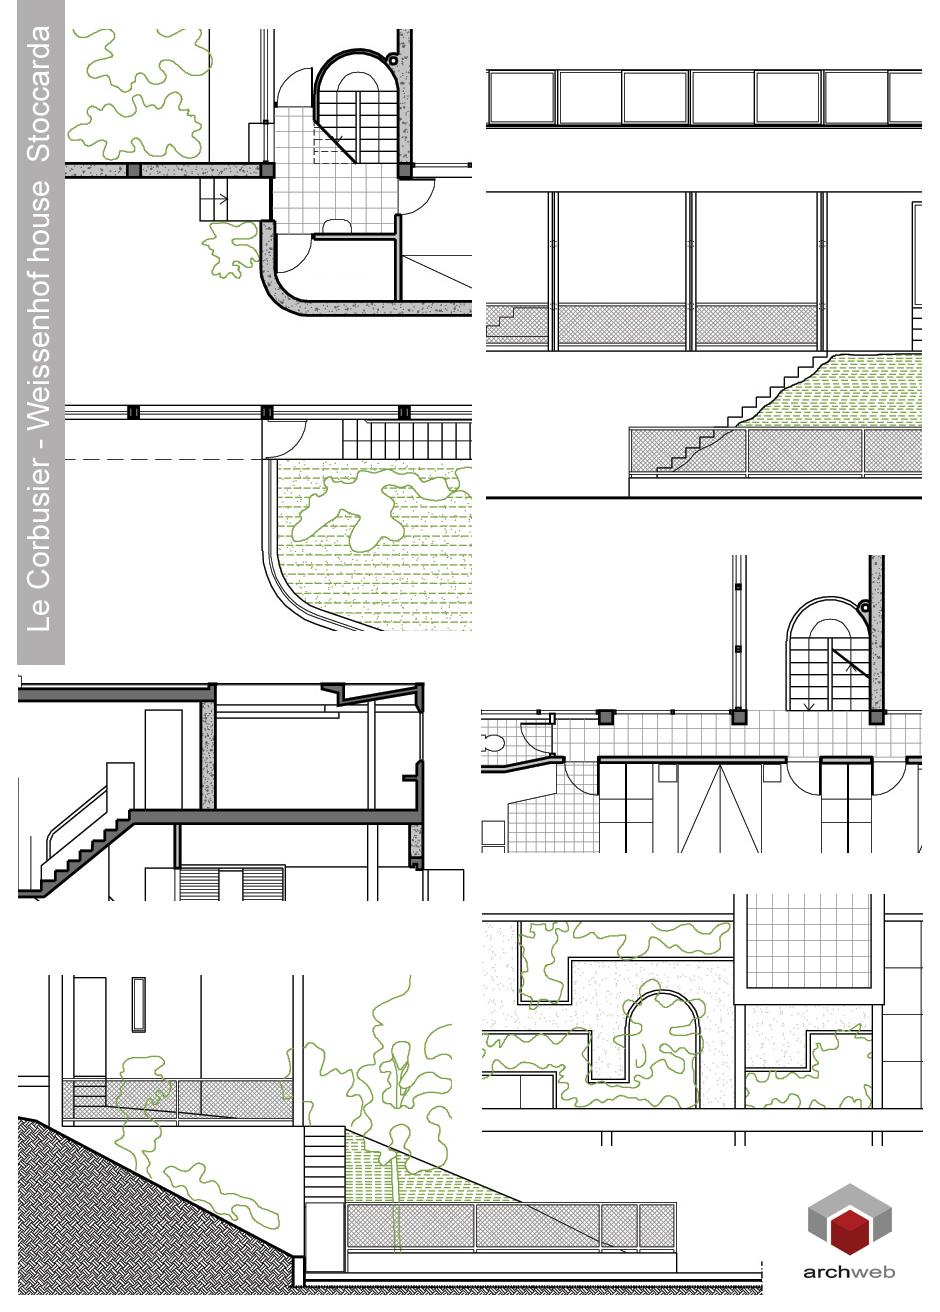 Weissenhof house drawings dwg - Le corbusier casas ...